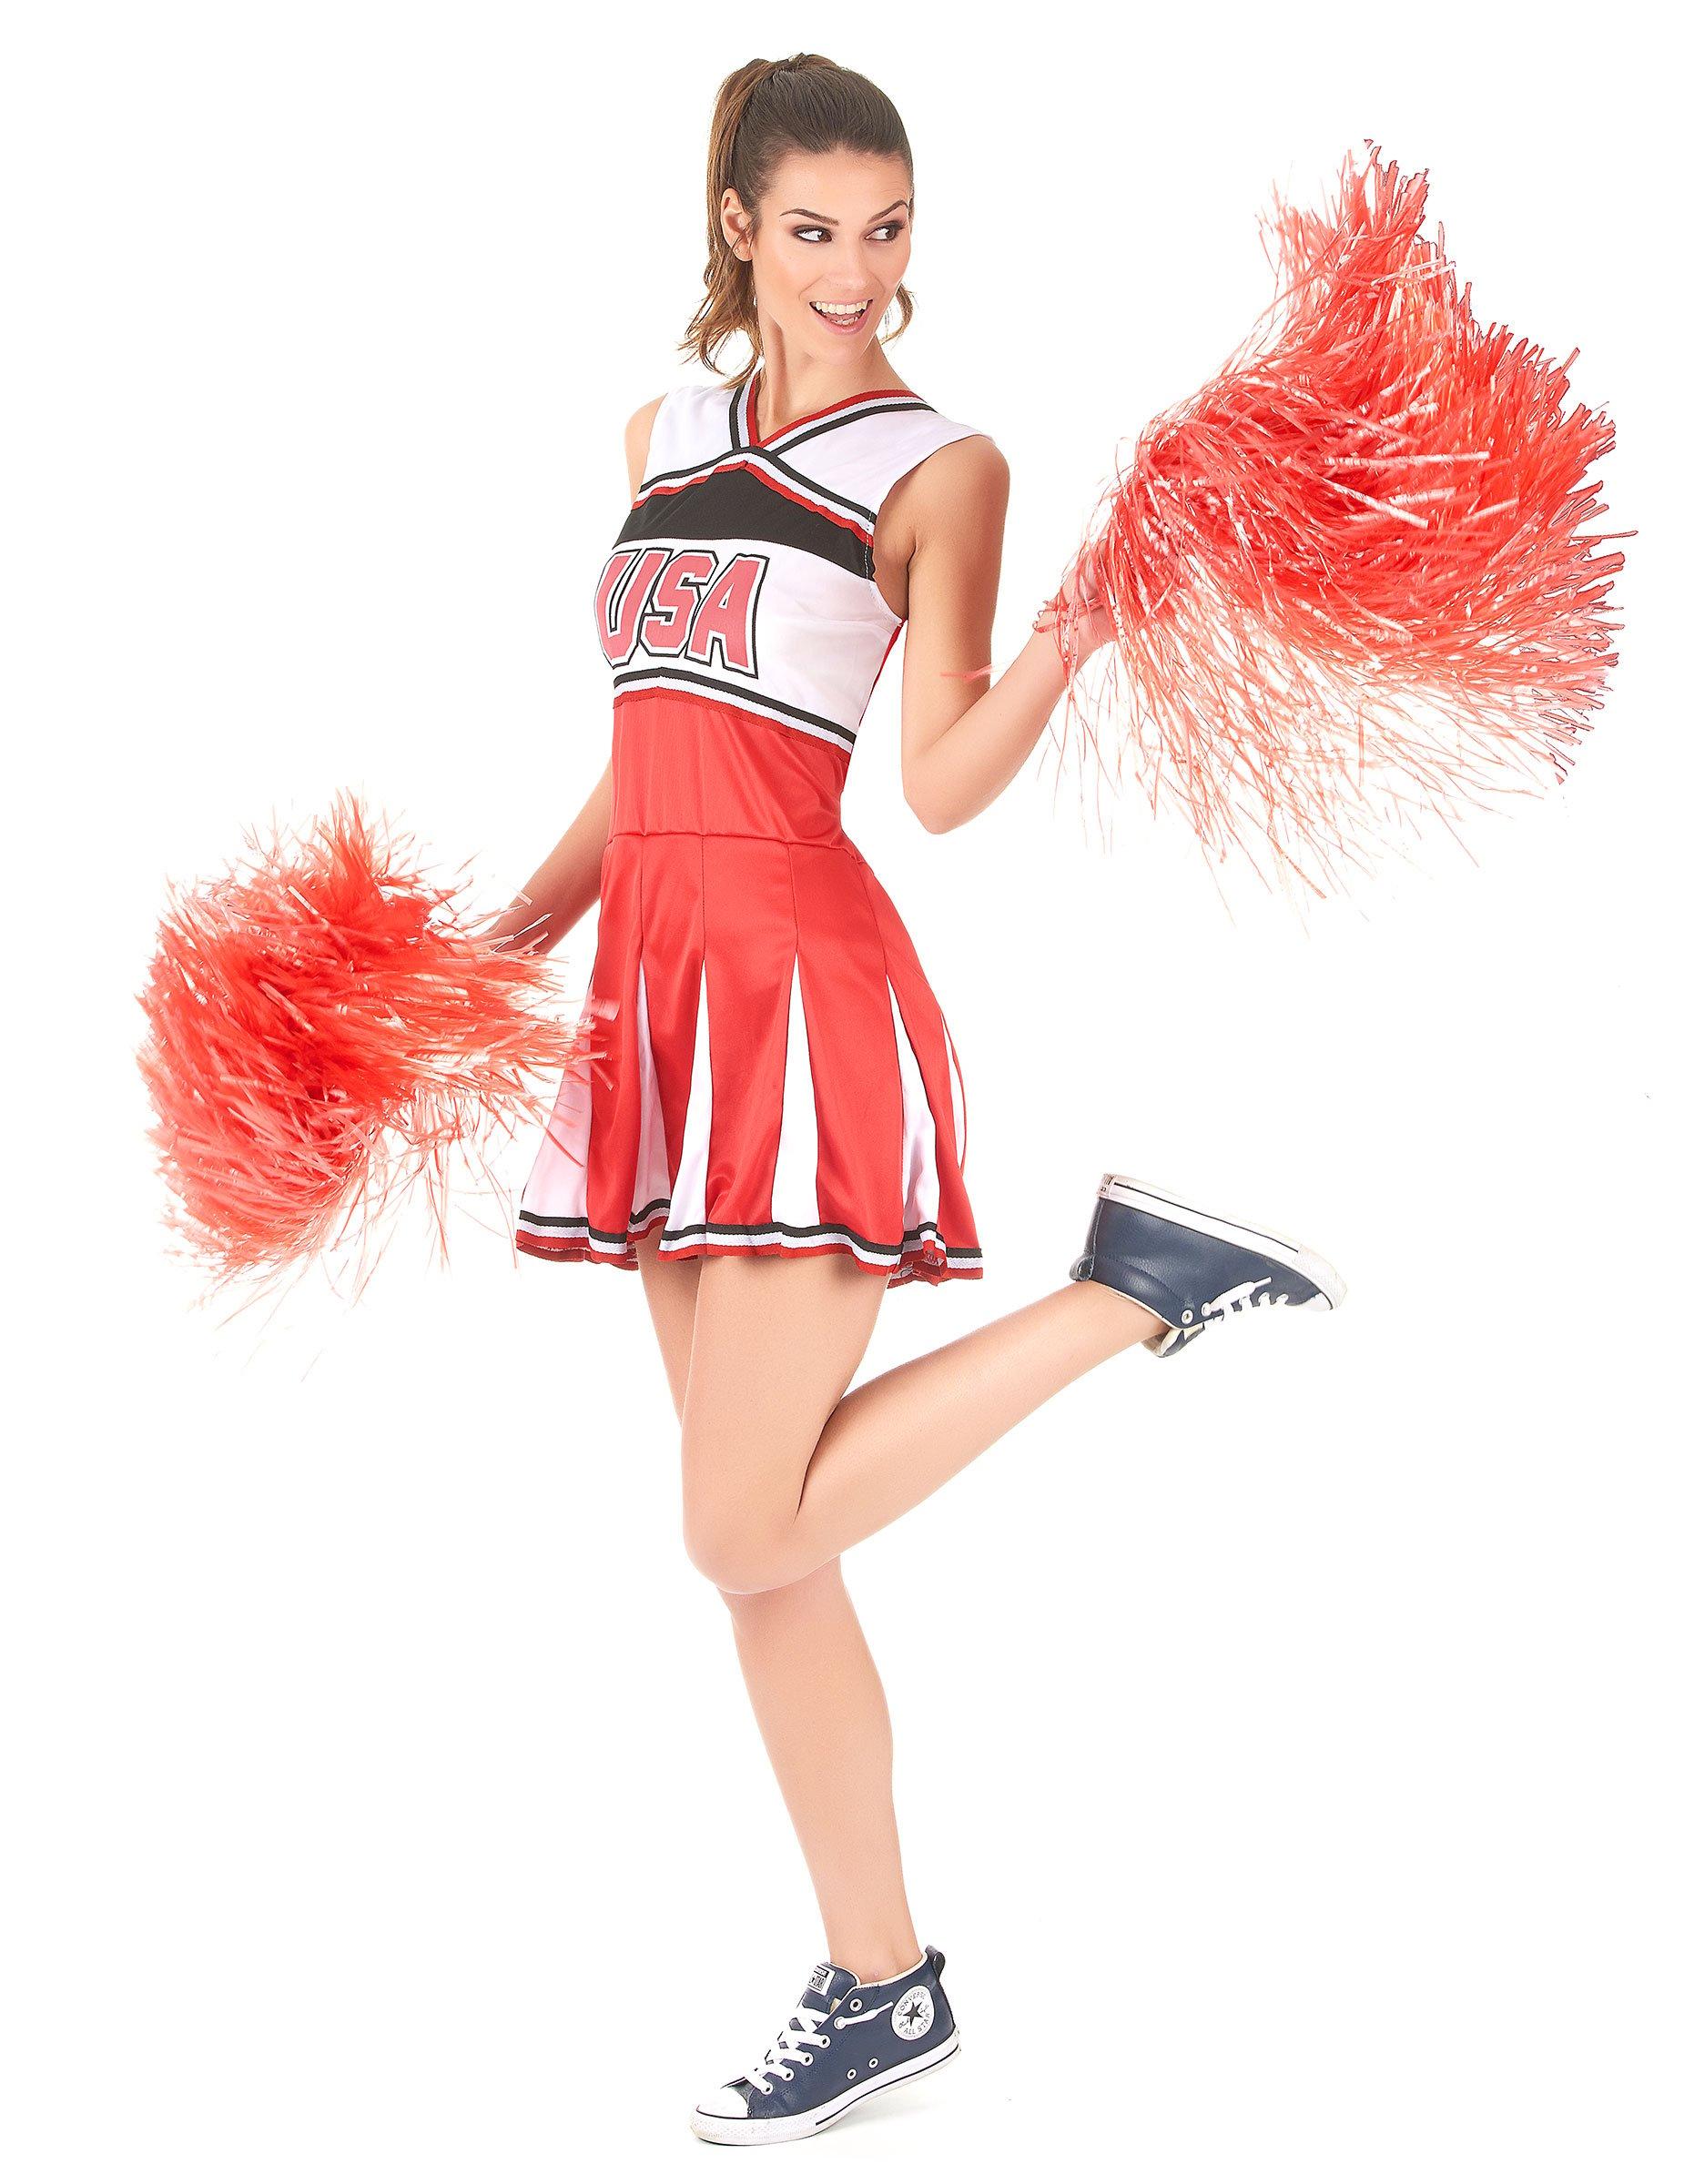 sportliches cheerleader kost m f r damen. Black Bedroom Furniture Sets. Home Design Ideas